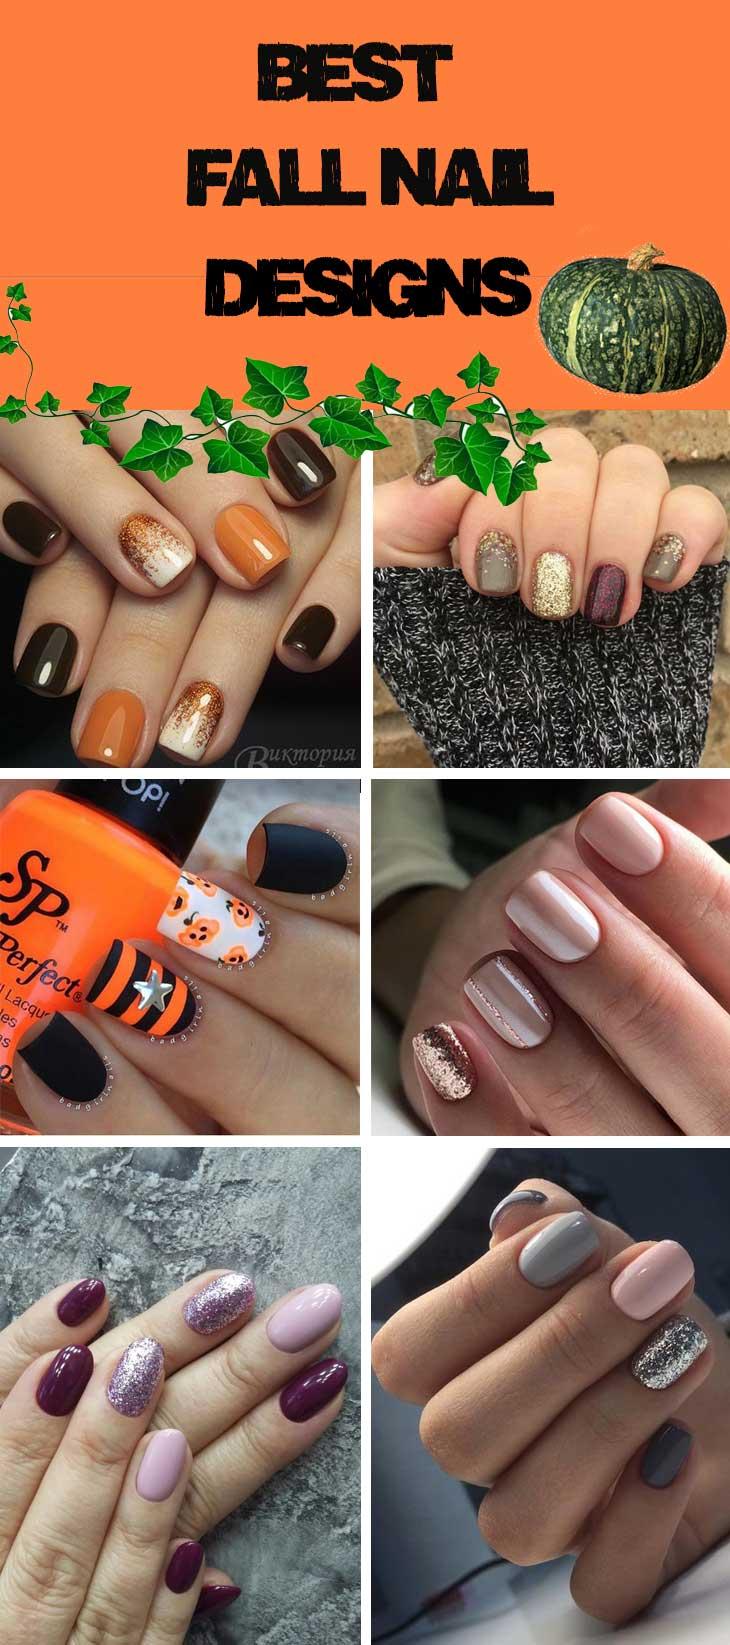 Best Fall Nail Designs - DIY Cuteness